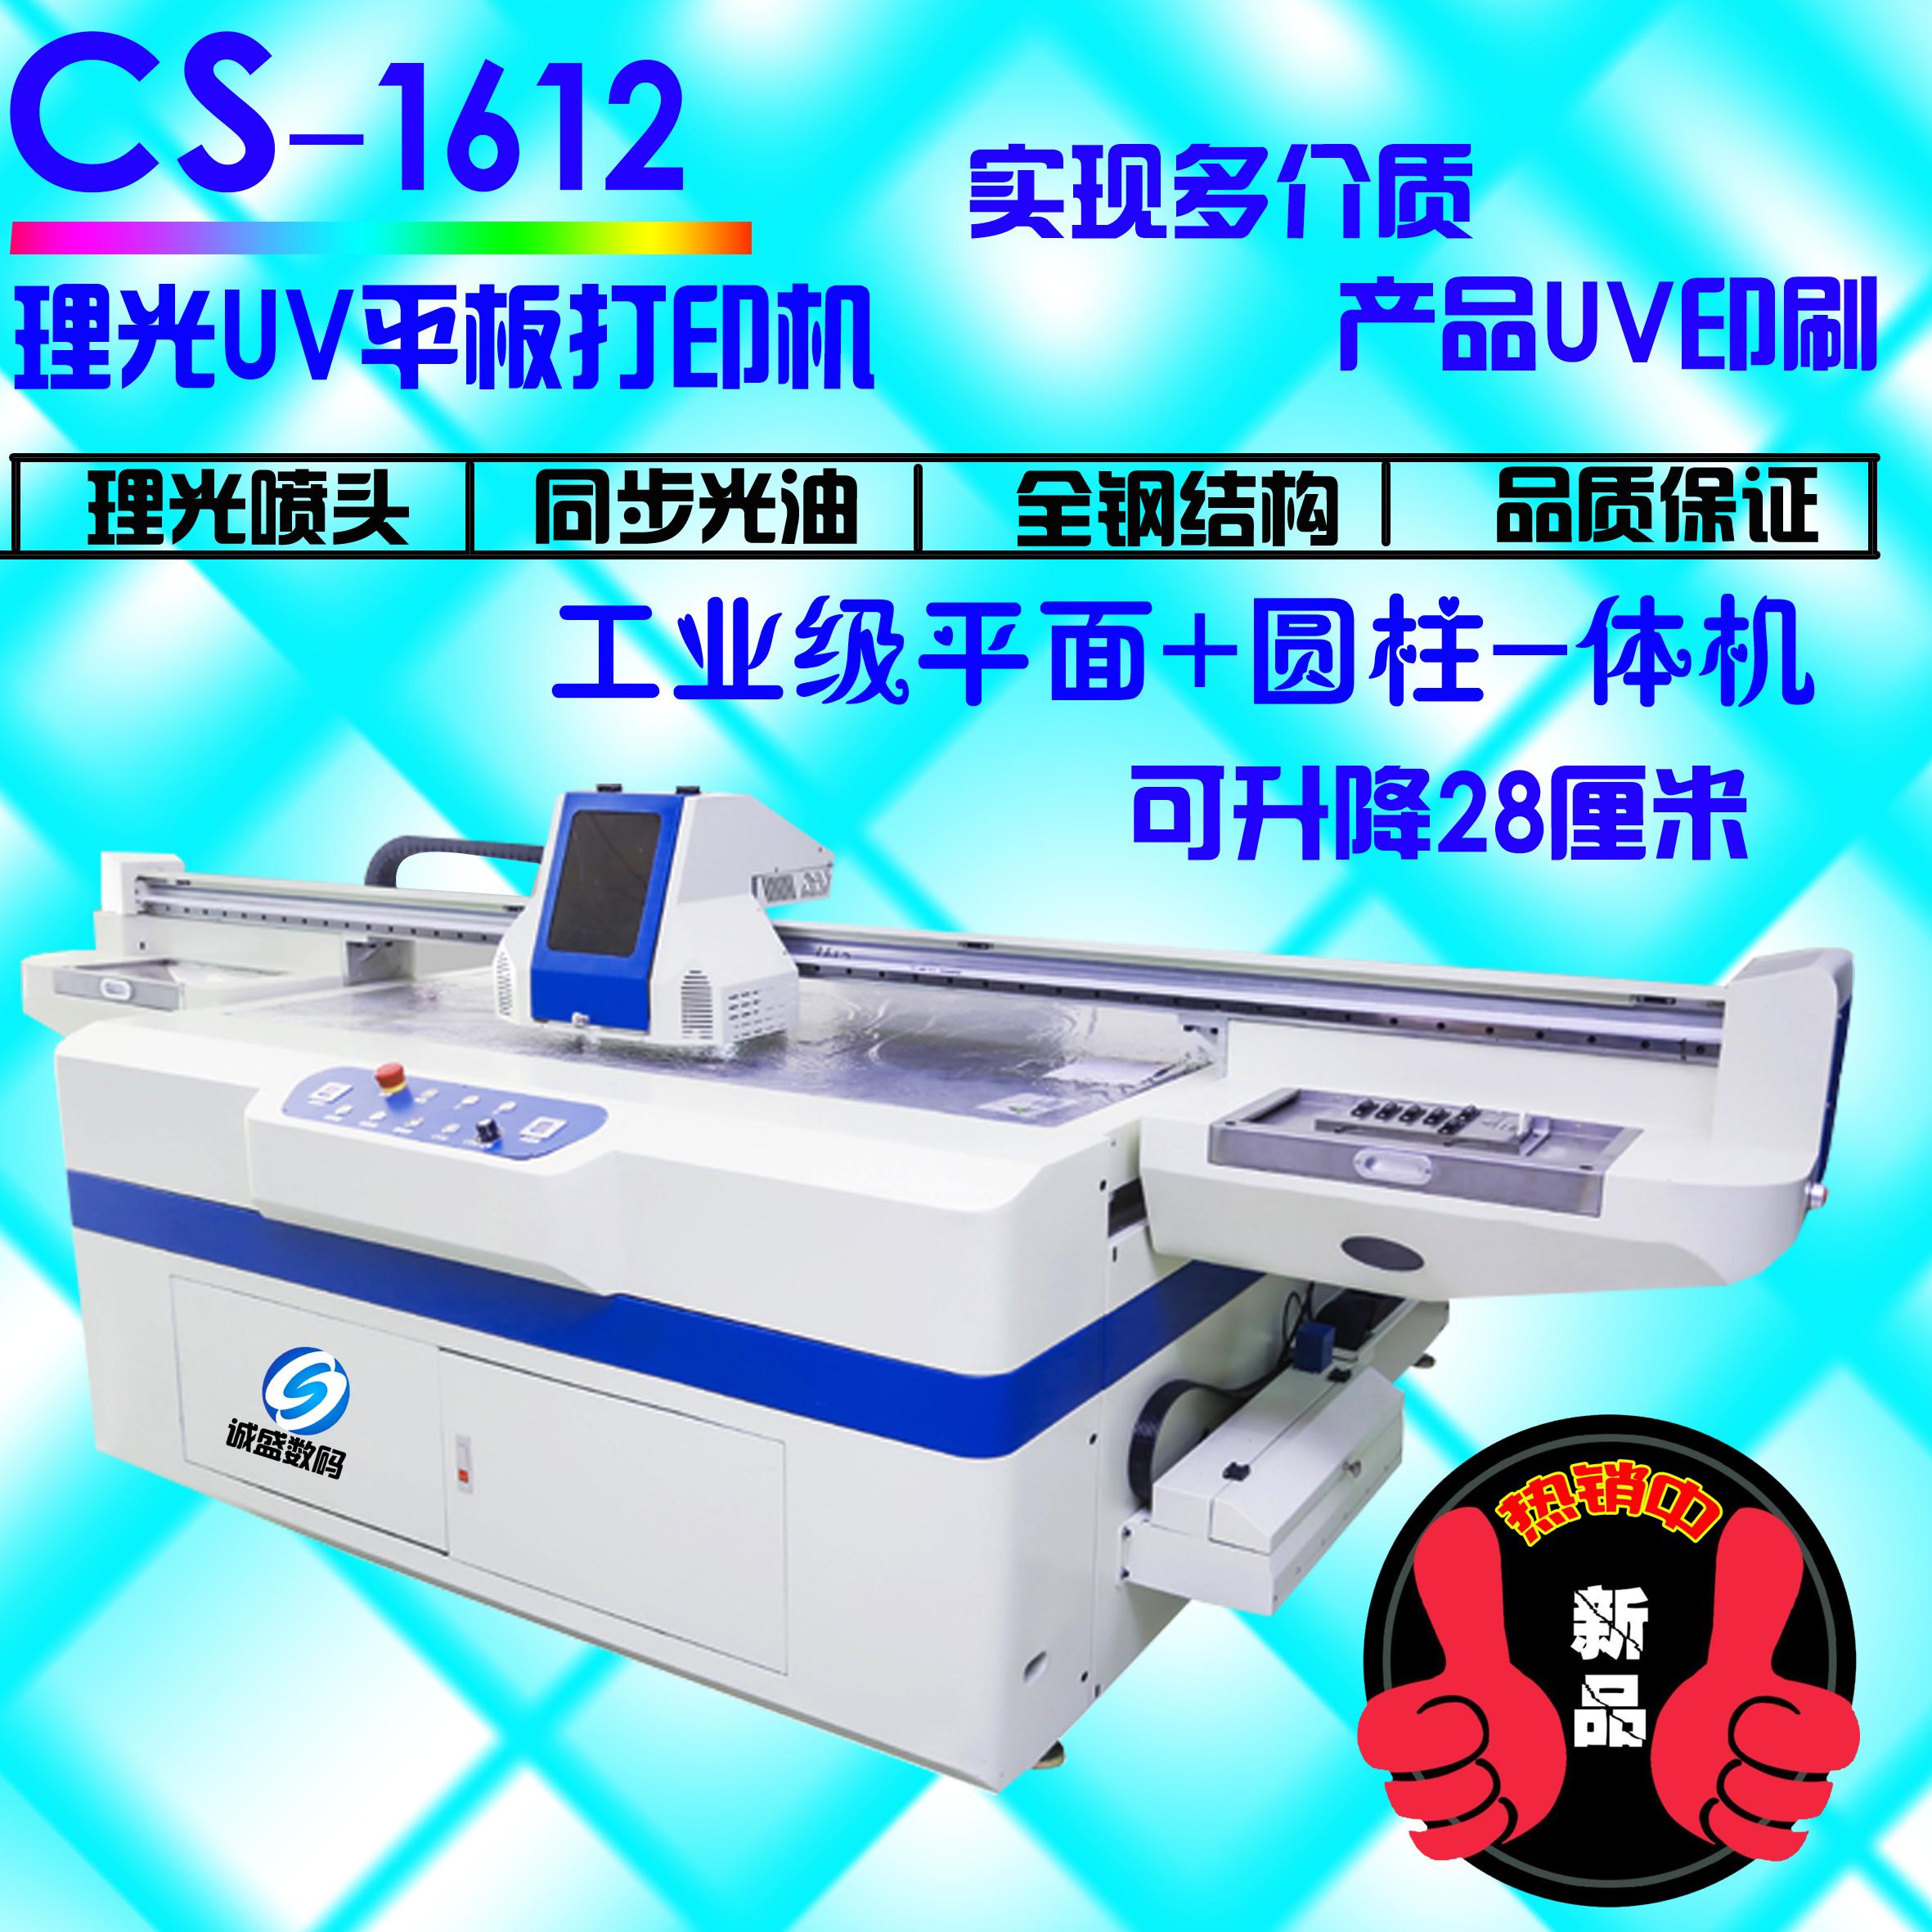 苏州理光喷头打印机G5工业喷头浮雕酒瓶打印机苏州理光G5打印机哪里好